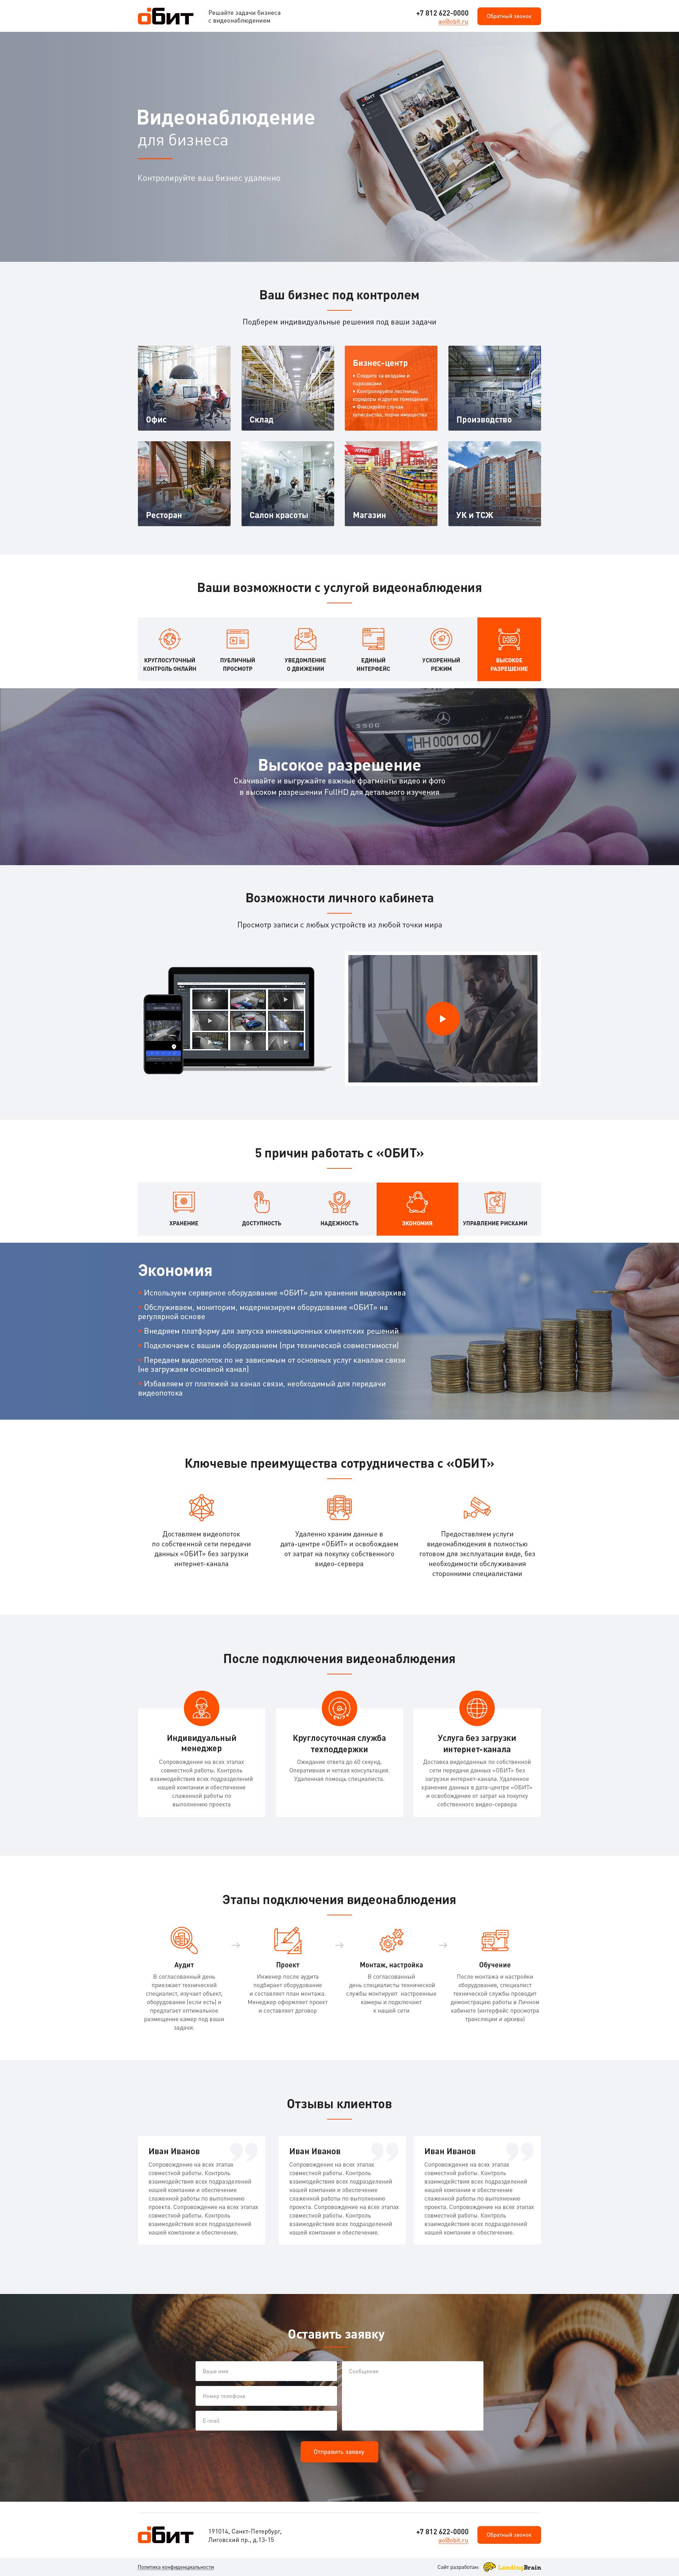 ОБИТ - видеонаблюдение для бизнеса